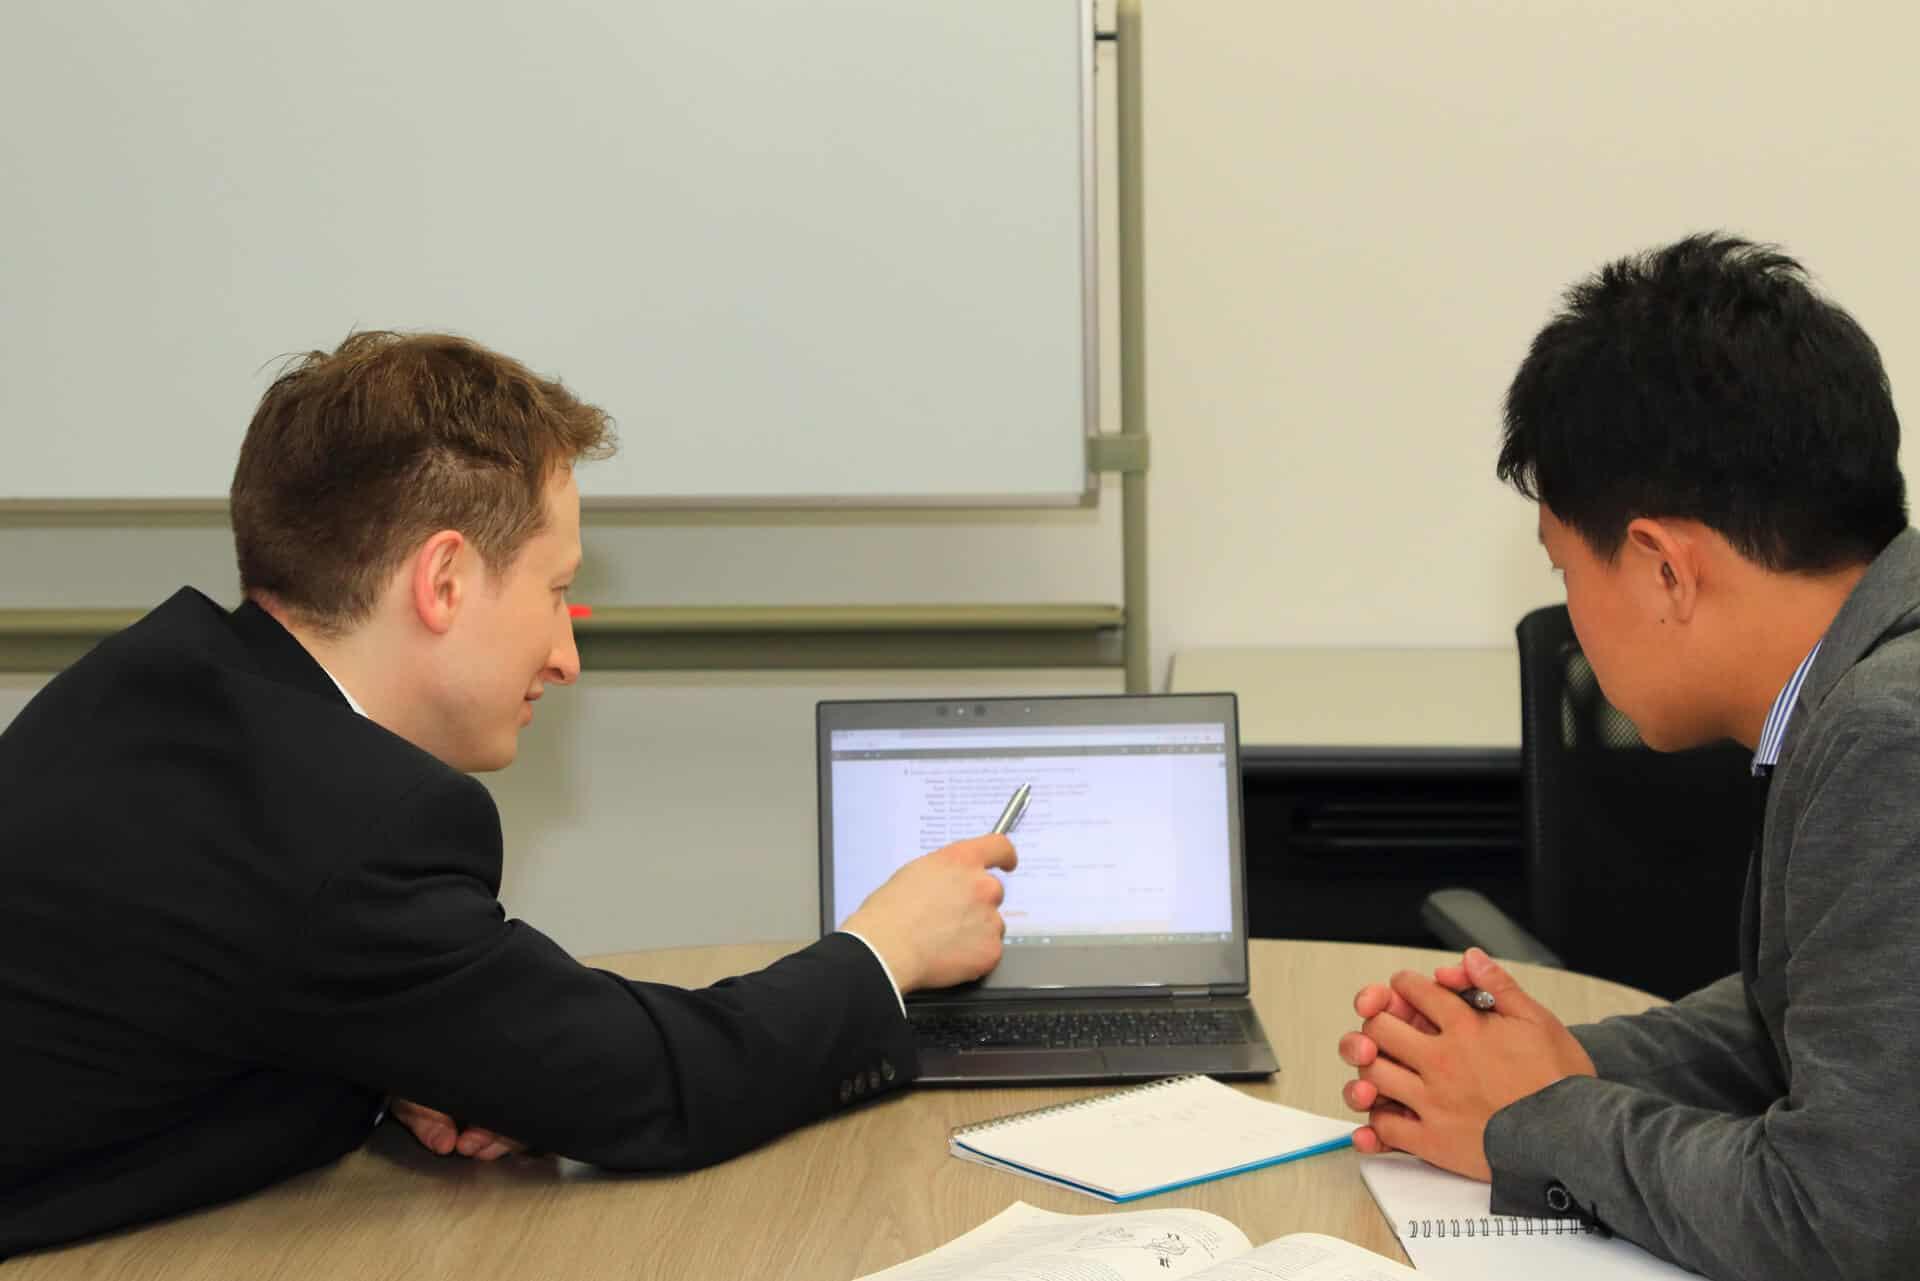 ビジネス英会話のクラスで、海外からくる外国人のために家探しのお手伝いをしています